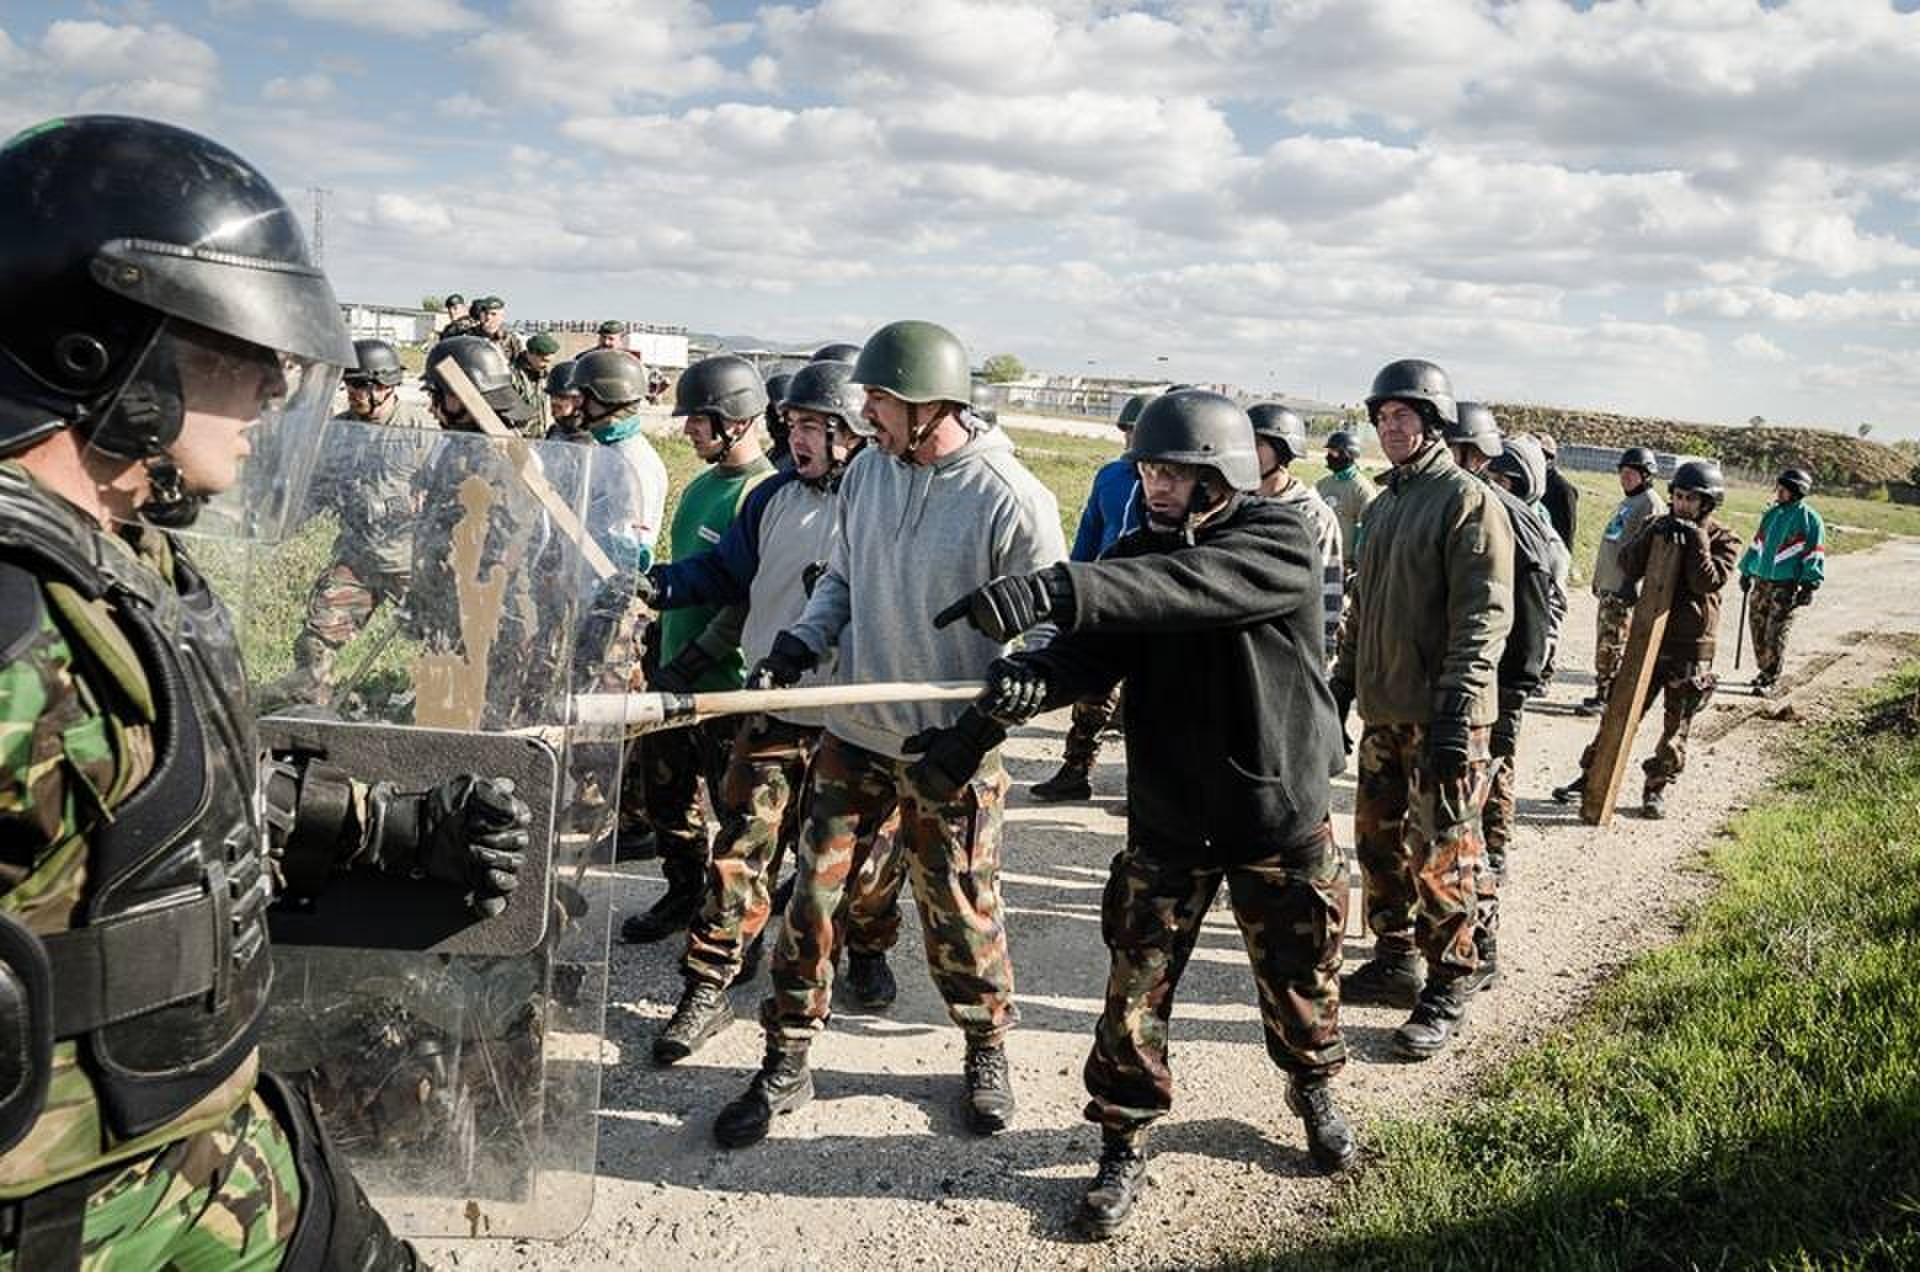 1   图集详情:   【近日,在科索沃执行维和任务的葡萄牙士兵和